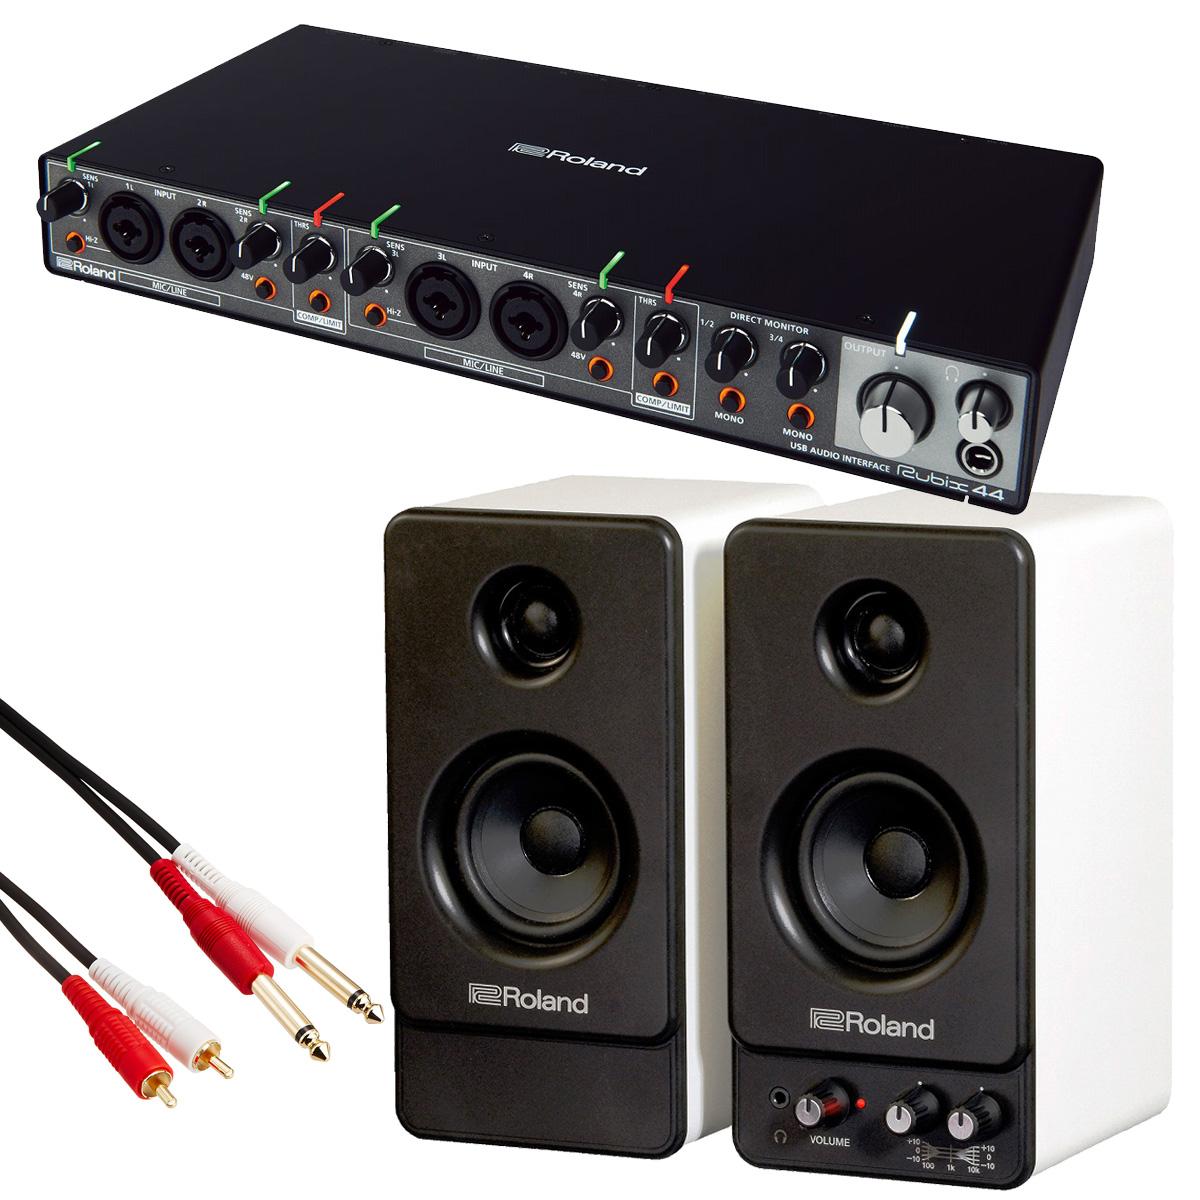 Roland ローランド / Rubix44 【MA-22モニターセット!】USBオーディオ・インターフェース【YRK】